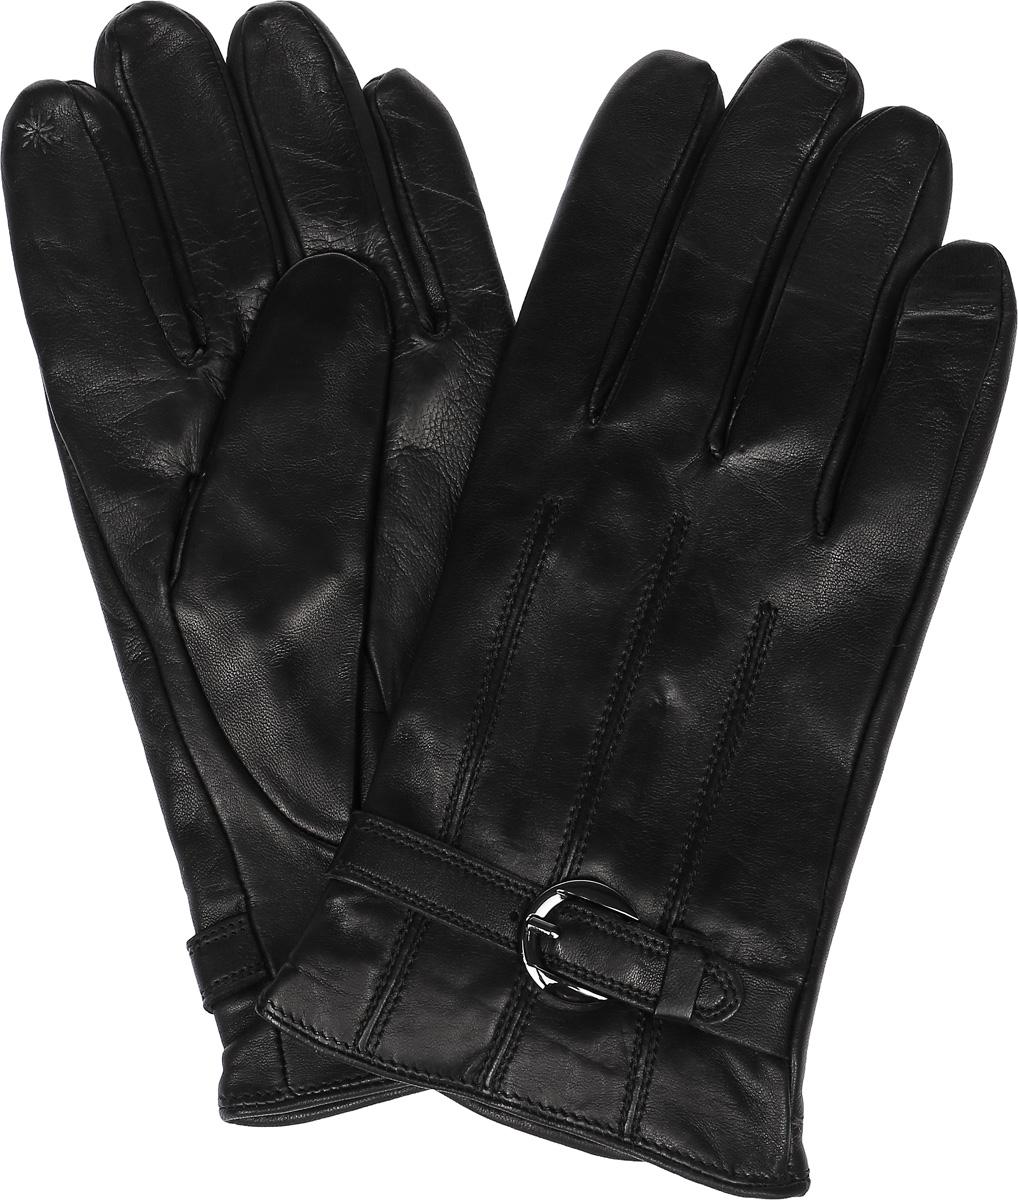 ПерчаткиTOUCH IS91131Стильные мужские перчатки Eleganzza выполнены из натуральной кожи. Внутренняя поверхность модели изготовлена из шерсти и кашемира, которые обеспечат тепло и комфорт. На пальцах перчатки оформлены металлизированной нитью, которая позволяет работать с сенсорным экраном. Перчатки дополнены о низу манжета декоративным ремешком с металлической бляшкой.